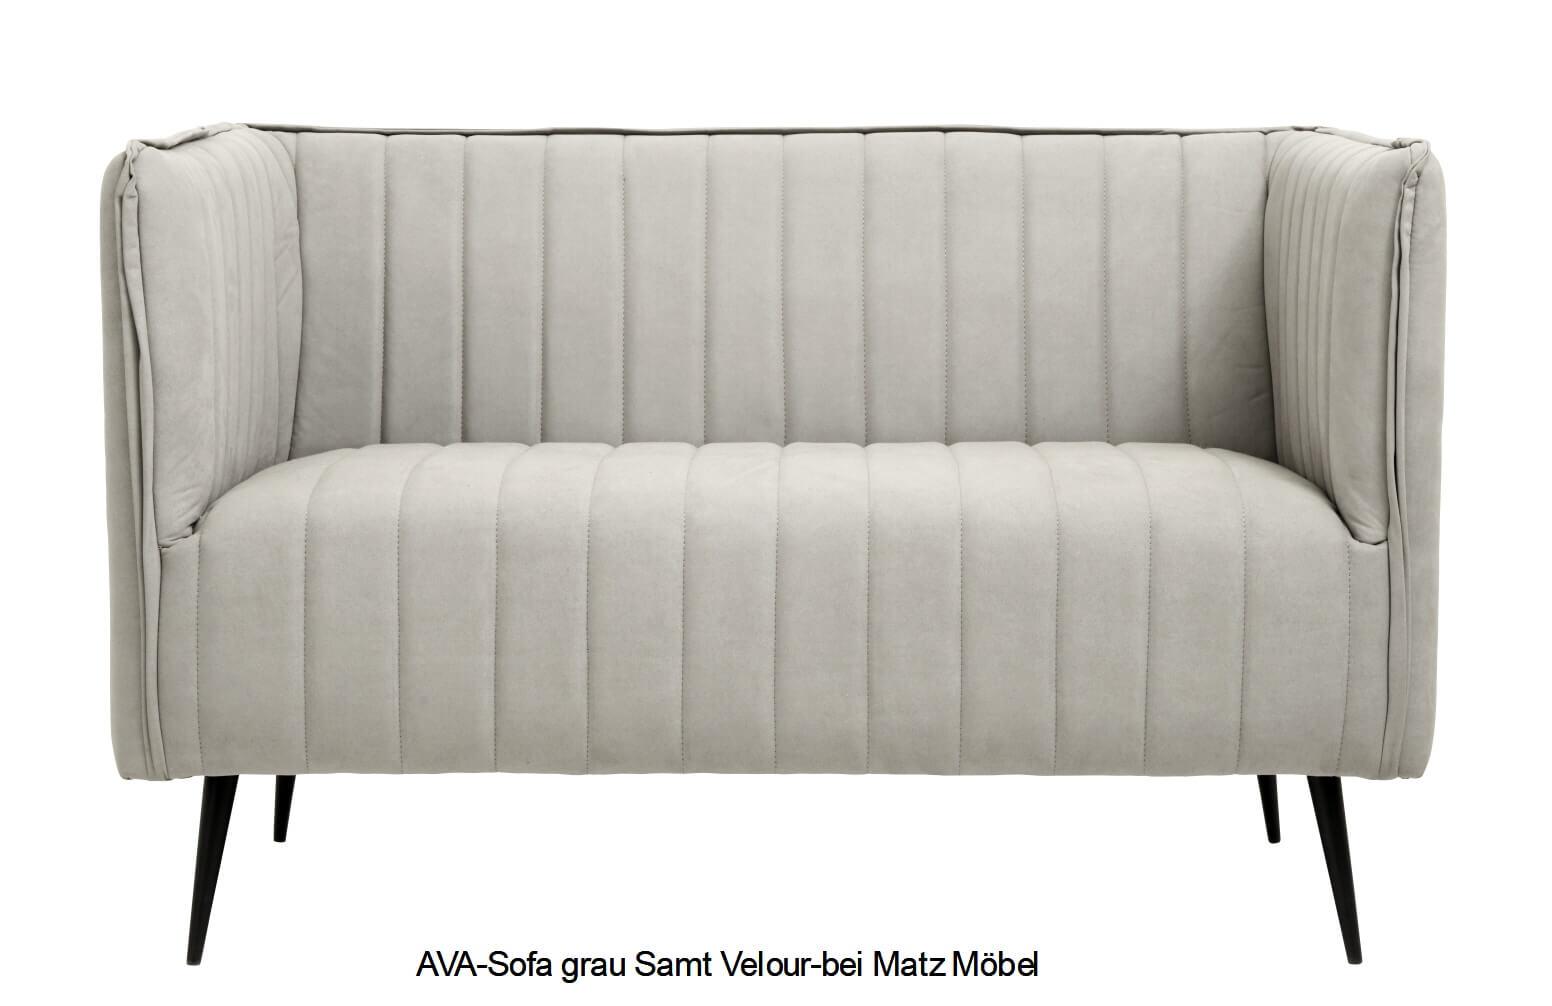 AVA-Sofa hellgrau